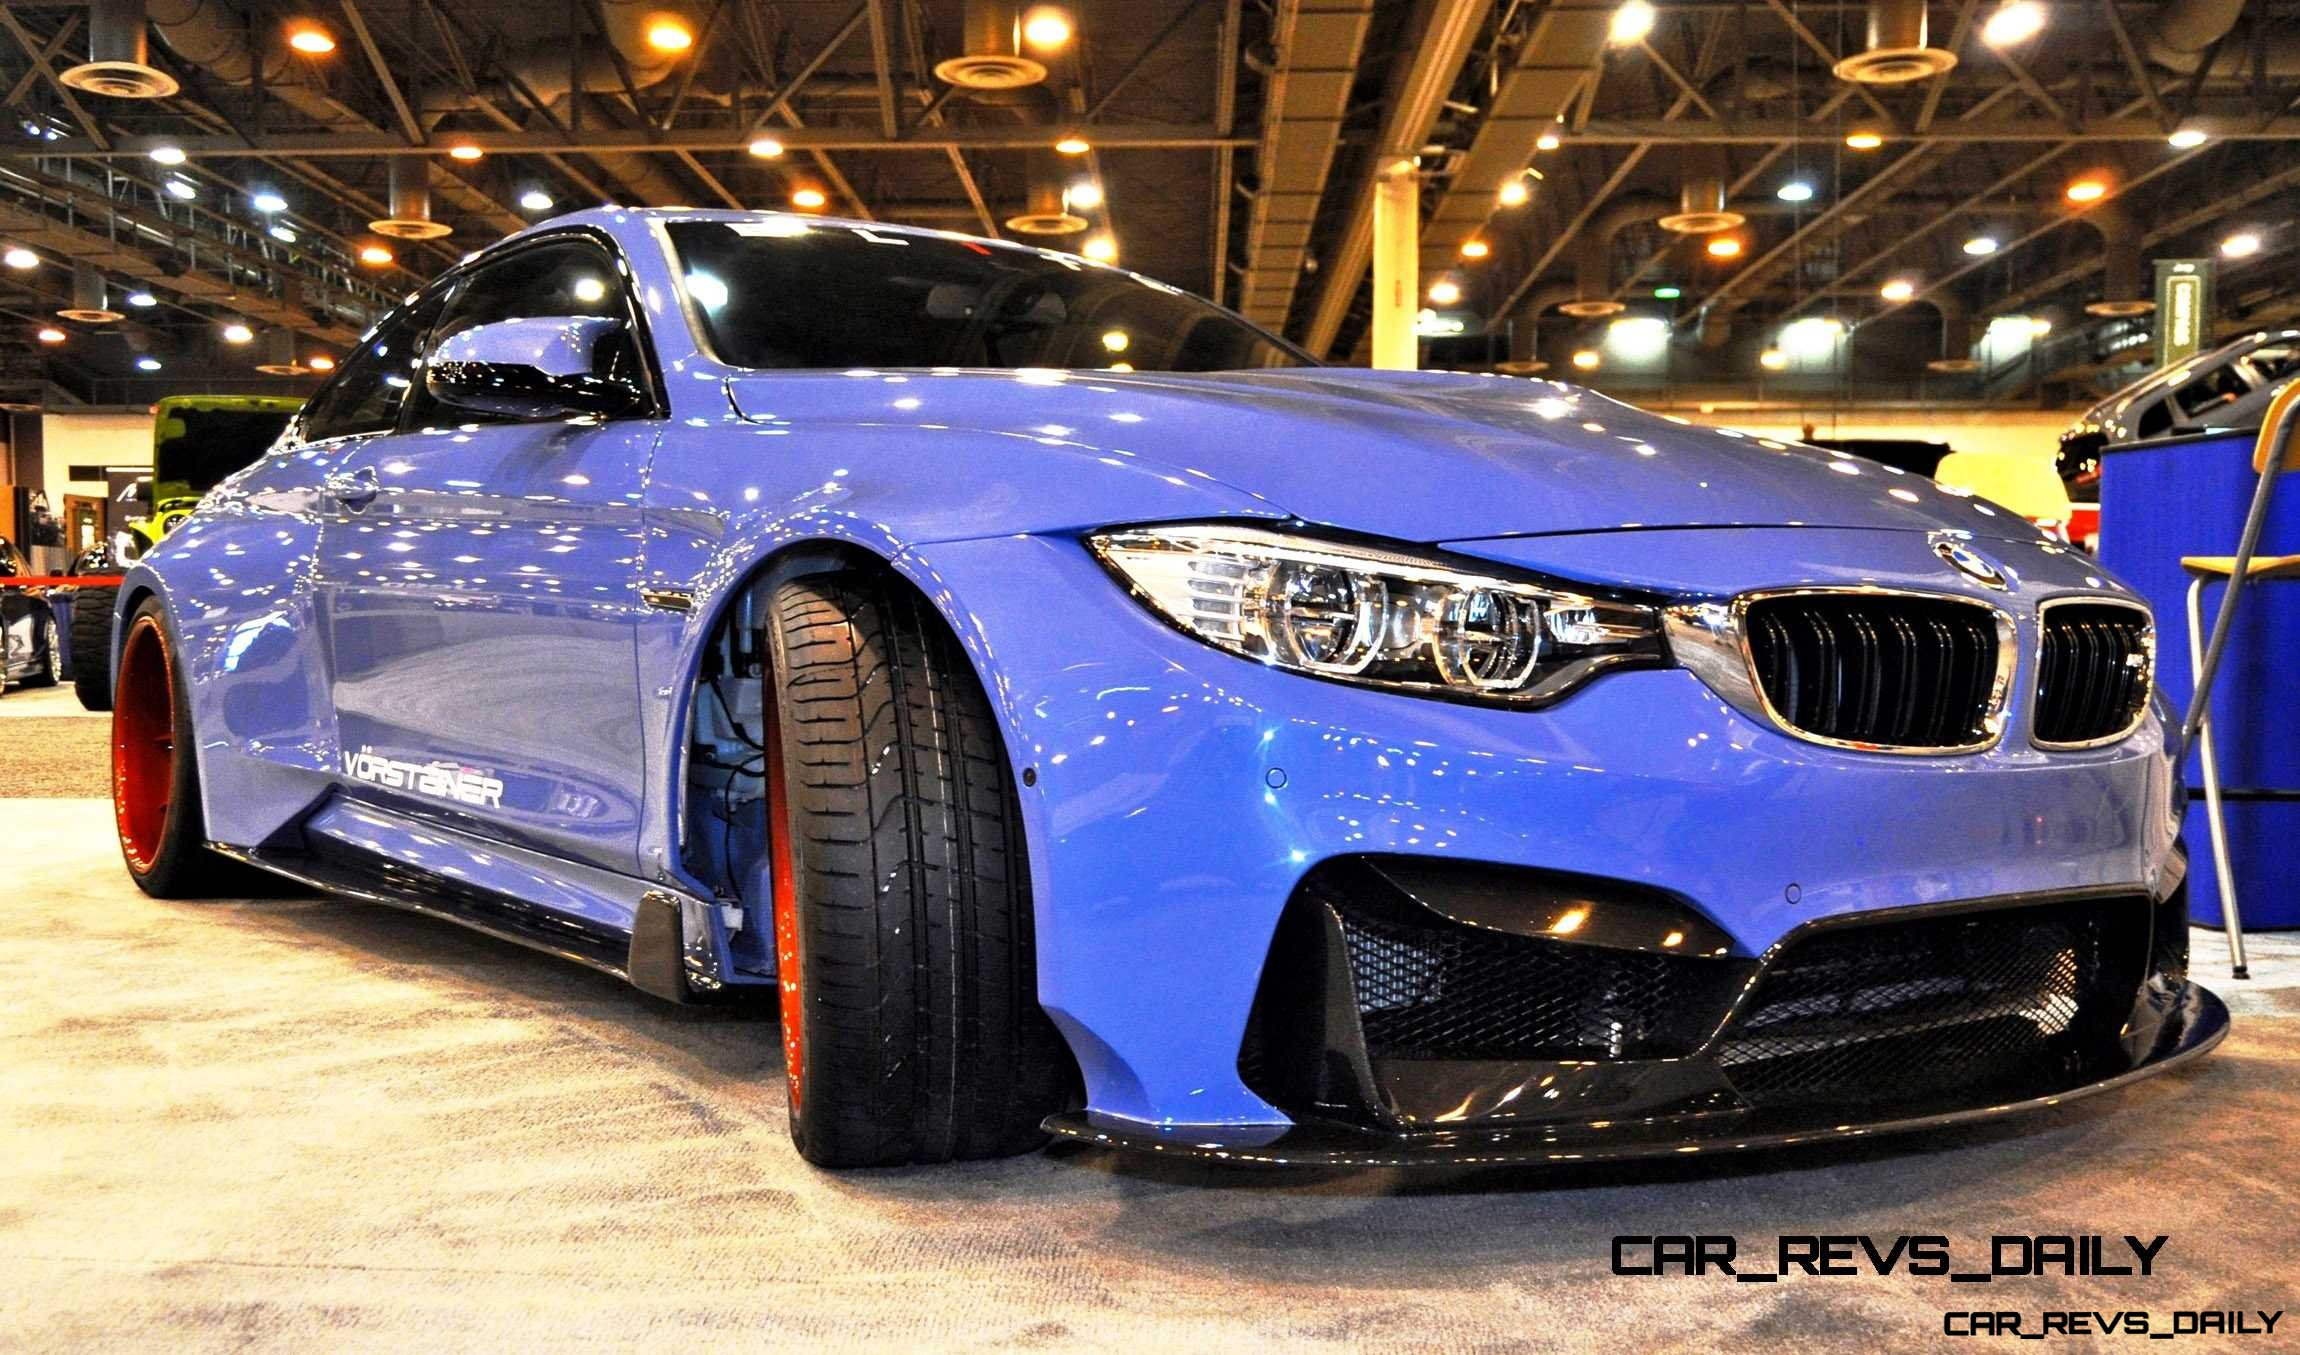 Best of Houston Auto Show – Vorsteiner 2015 BMW M4 GTRS4 by ELITE Customs TX